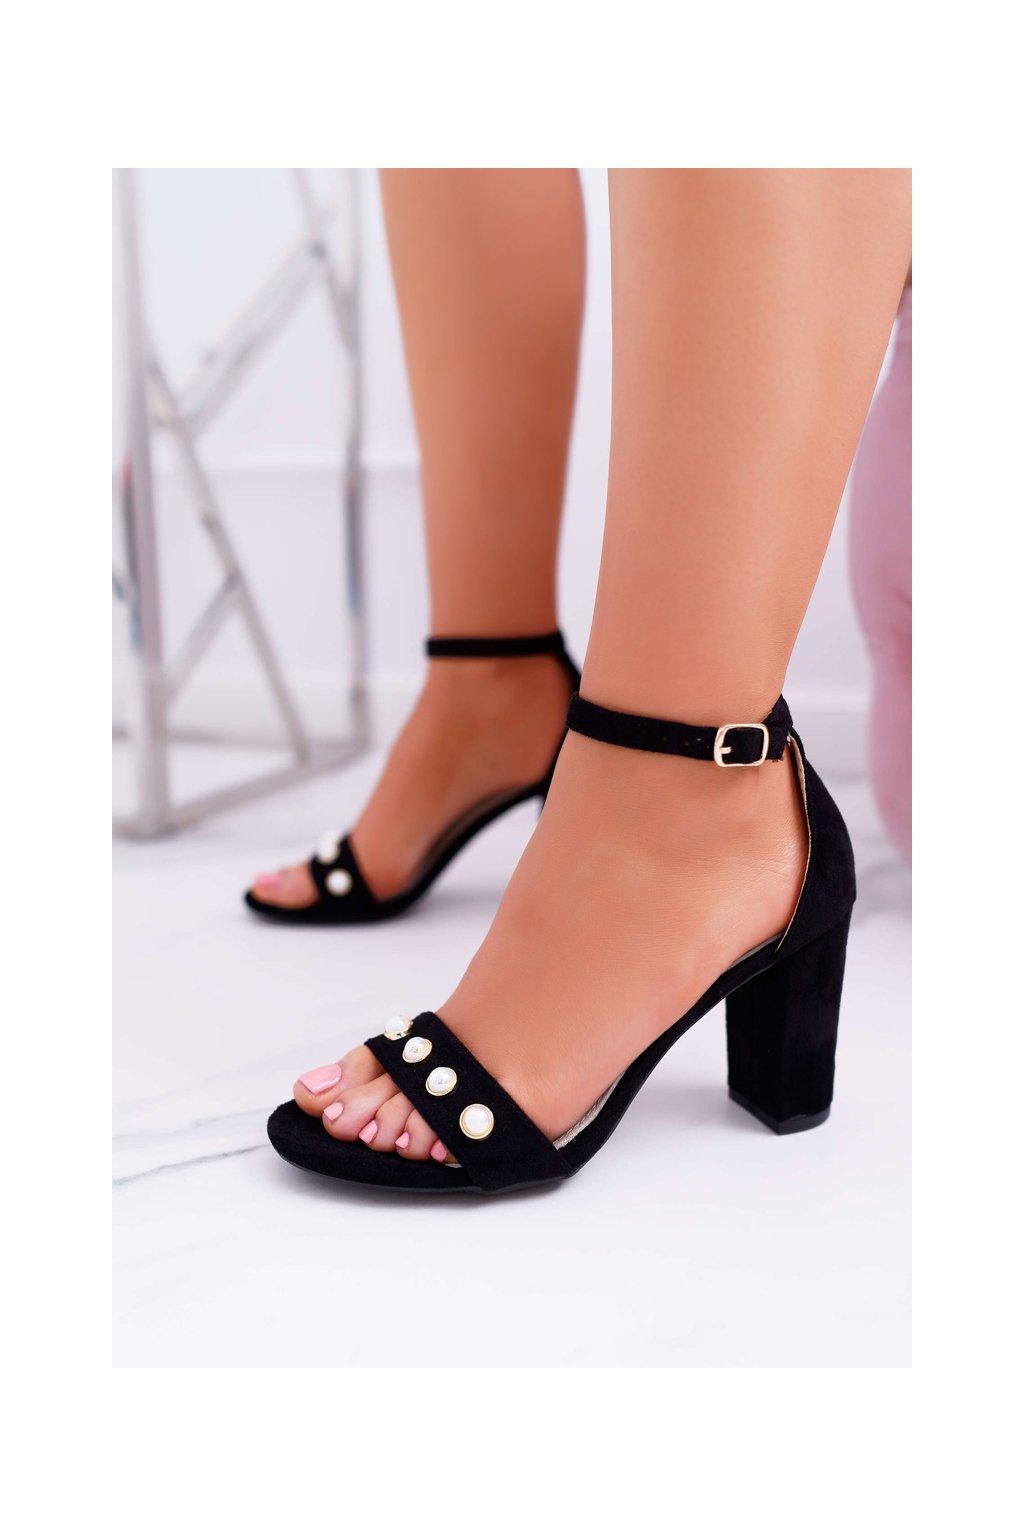 Dámske Sandále na podpätku s Perlami čierne Renes